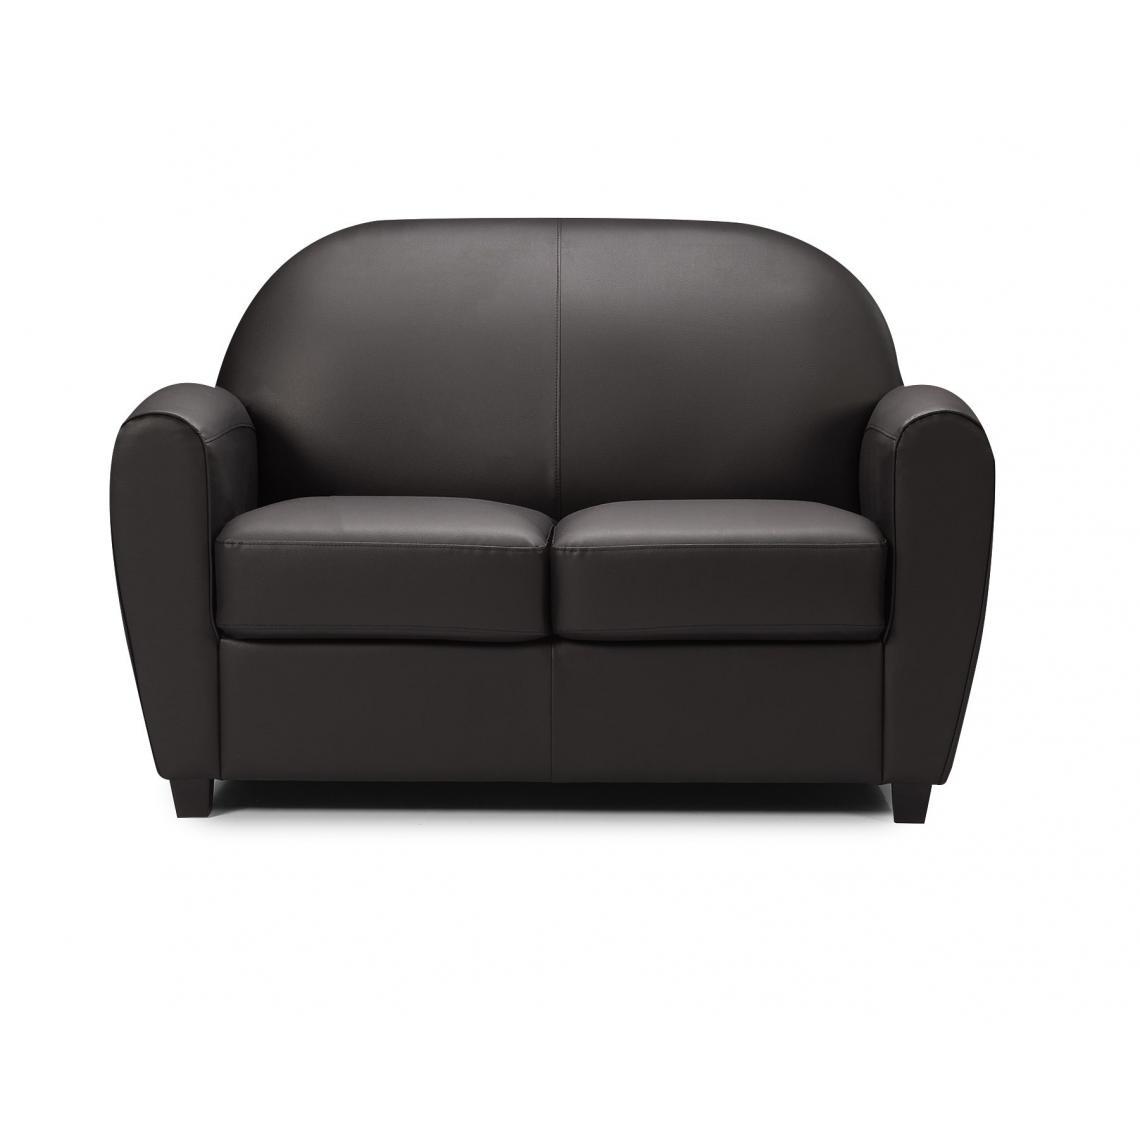 canap club 2 places noir heloise 3suisses. Black Bedroom Furniture Sets. Home Design Ideas